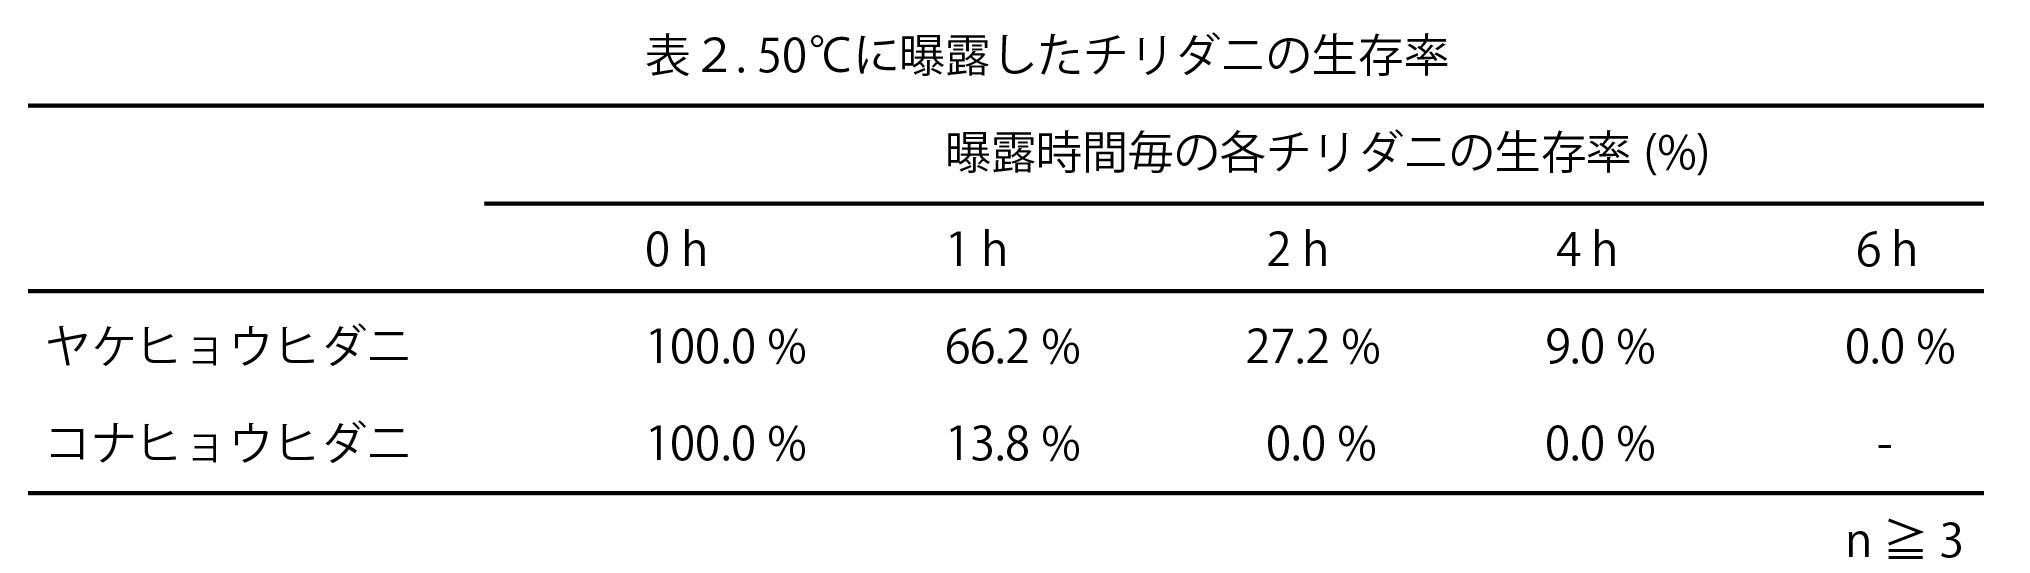 ダニの高温抵抗性を検証表2